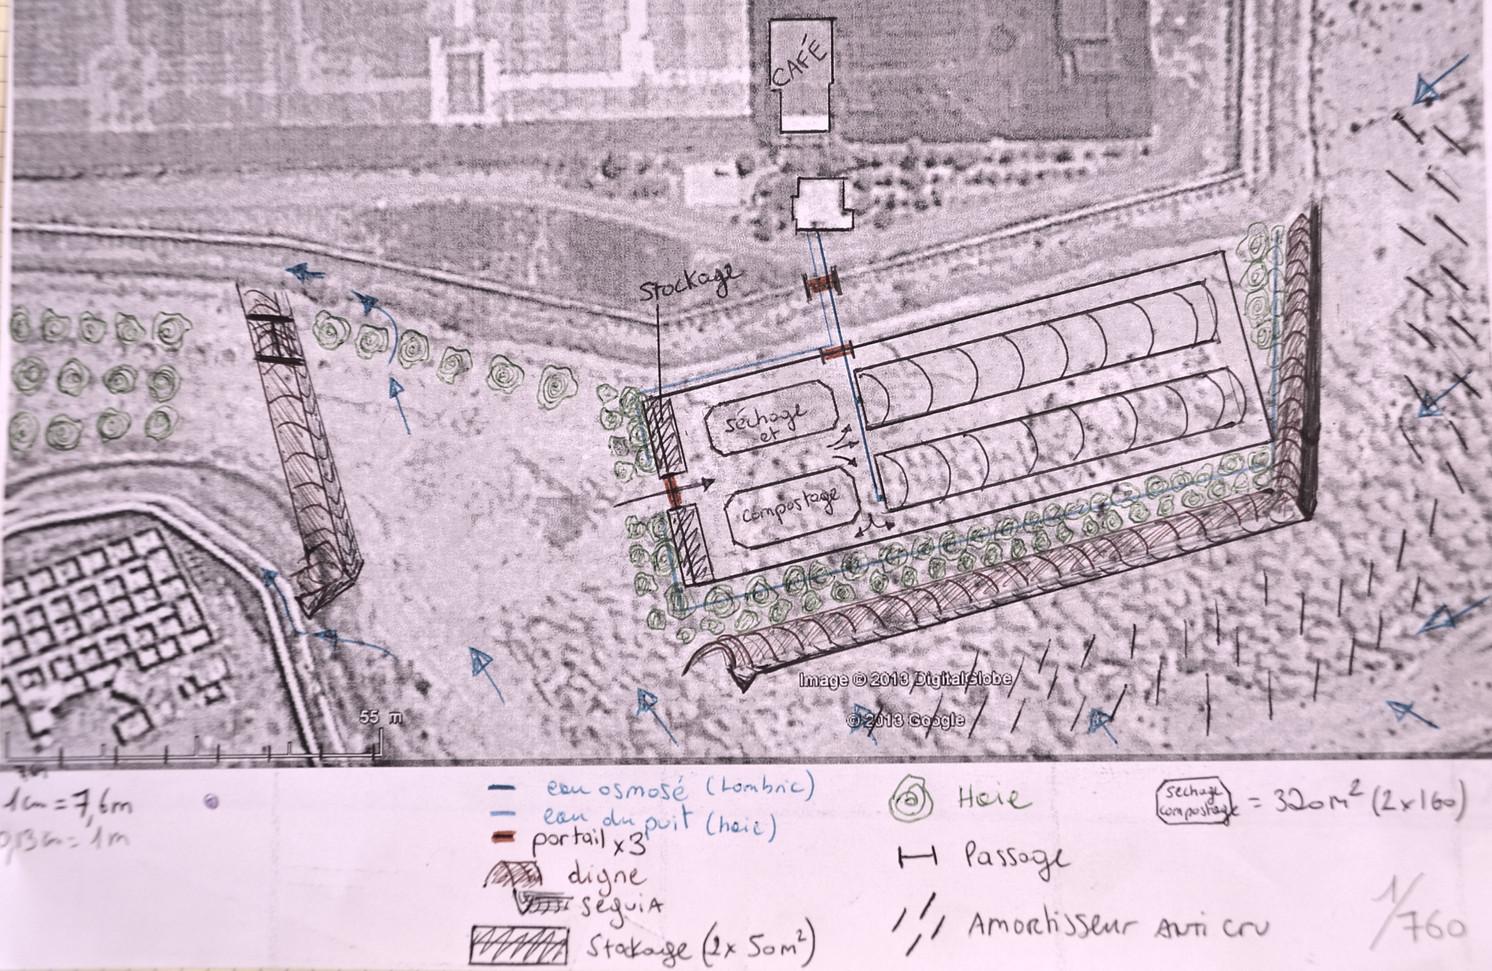 Ebauche dessin plan base sur zone